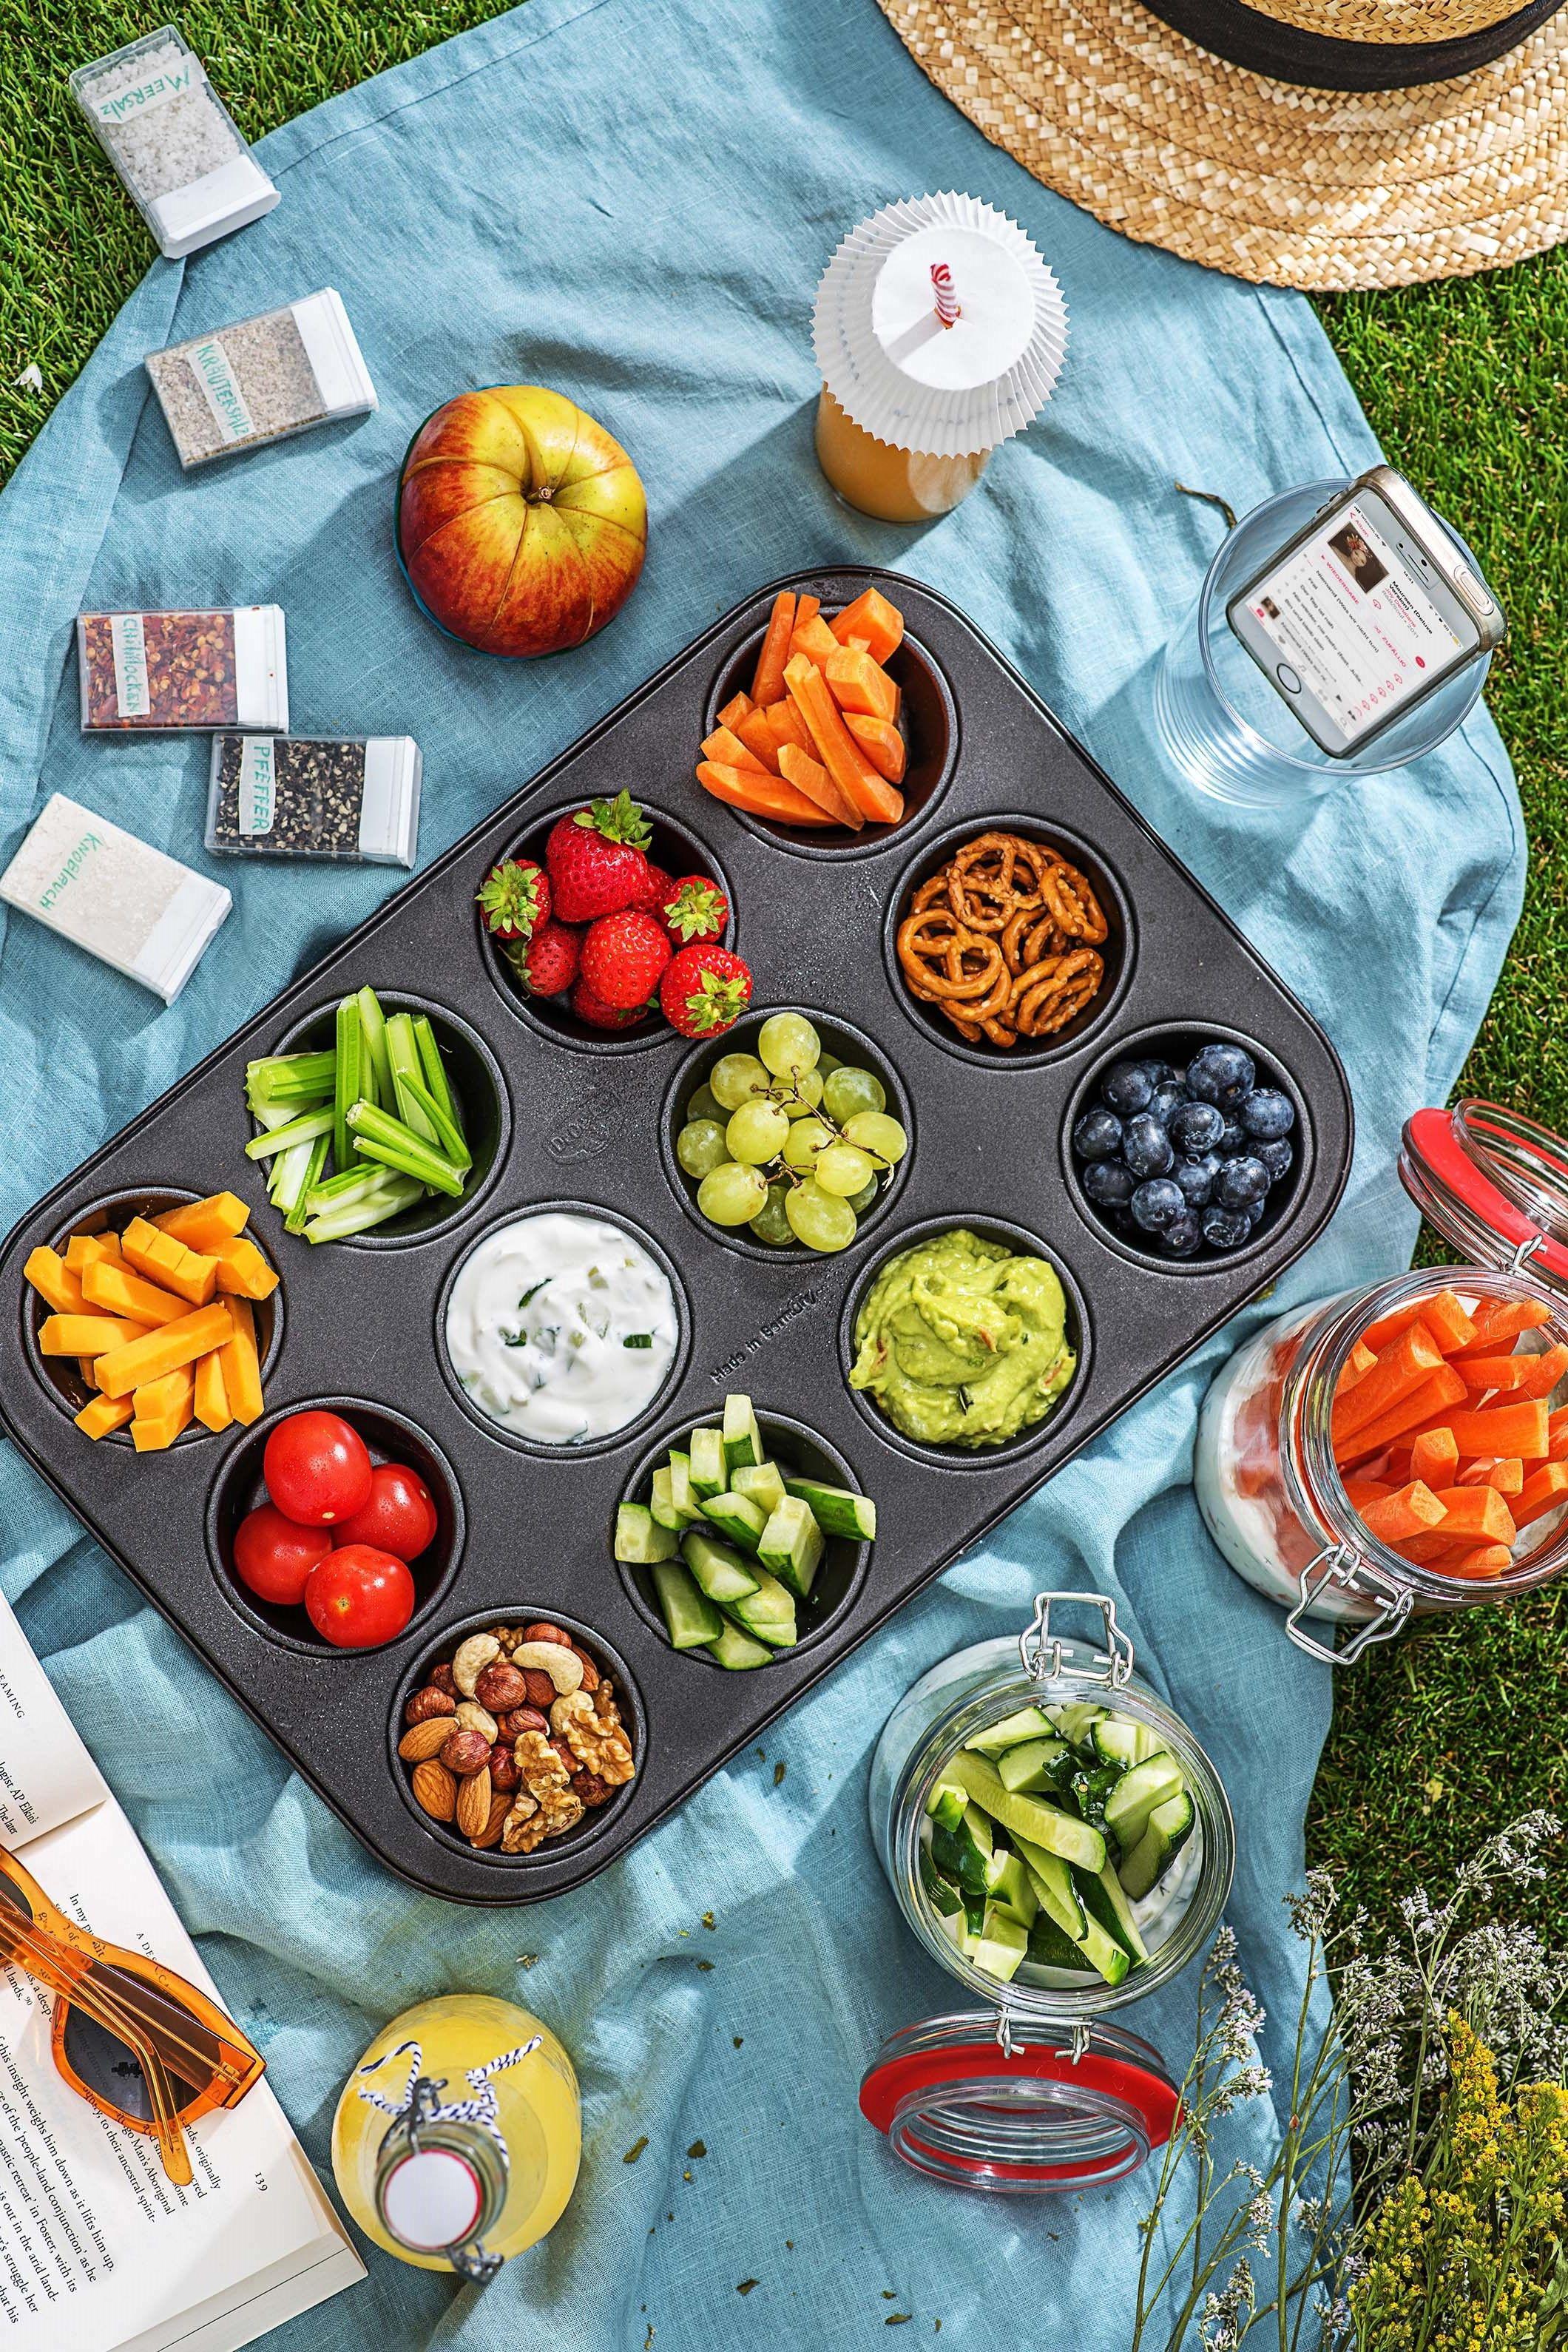 3379ea0096aa1142a598f65baa2ee8f4 - Picknicken Rezepte